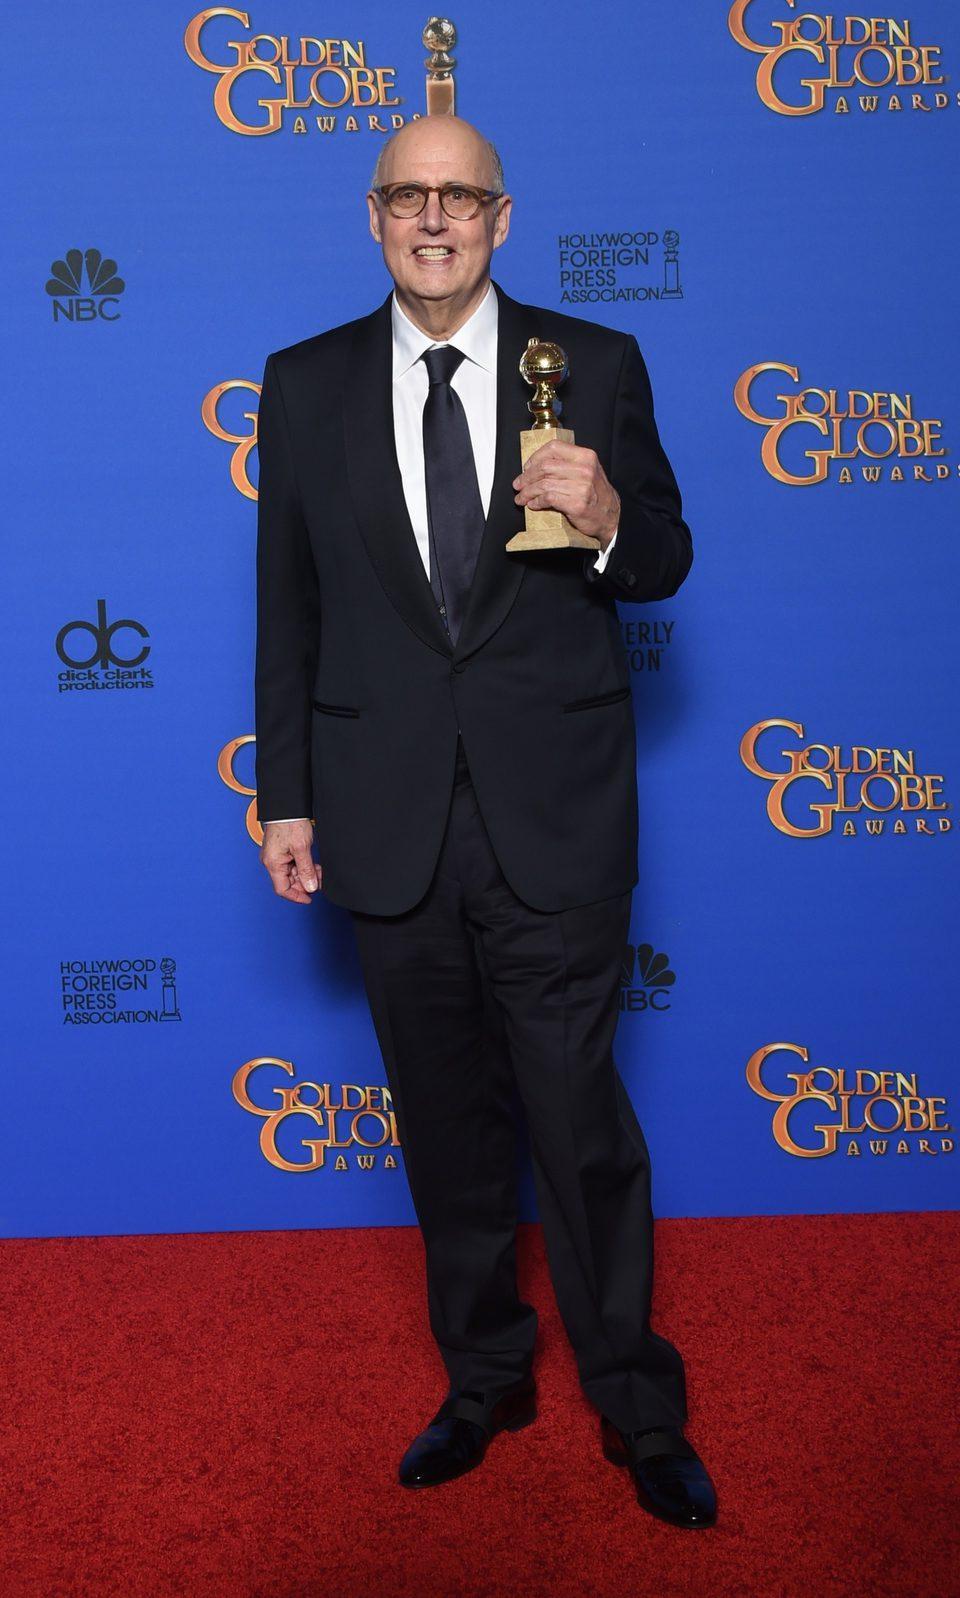 Jeffrey Tambor, winner of the Golden Globe 2015 for the best comedy actor